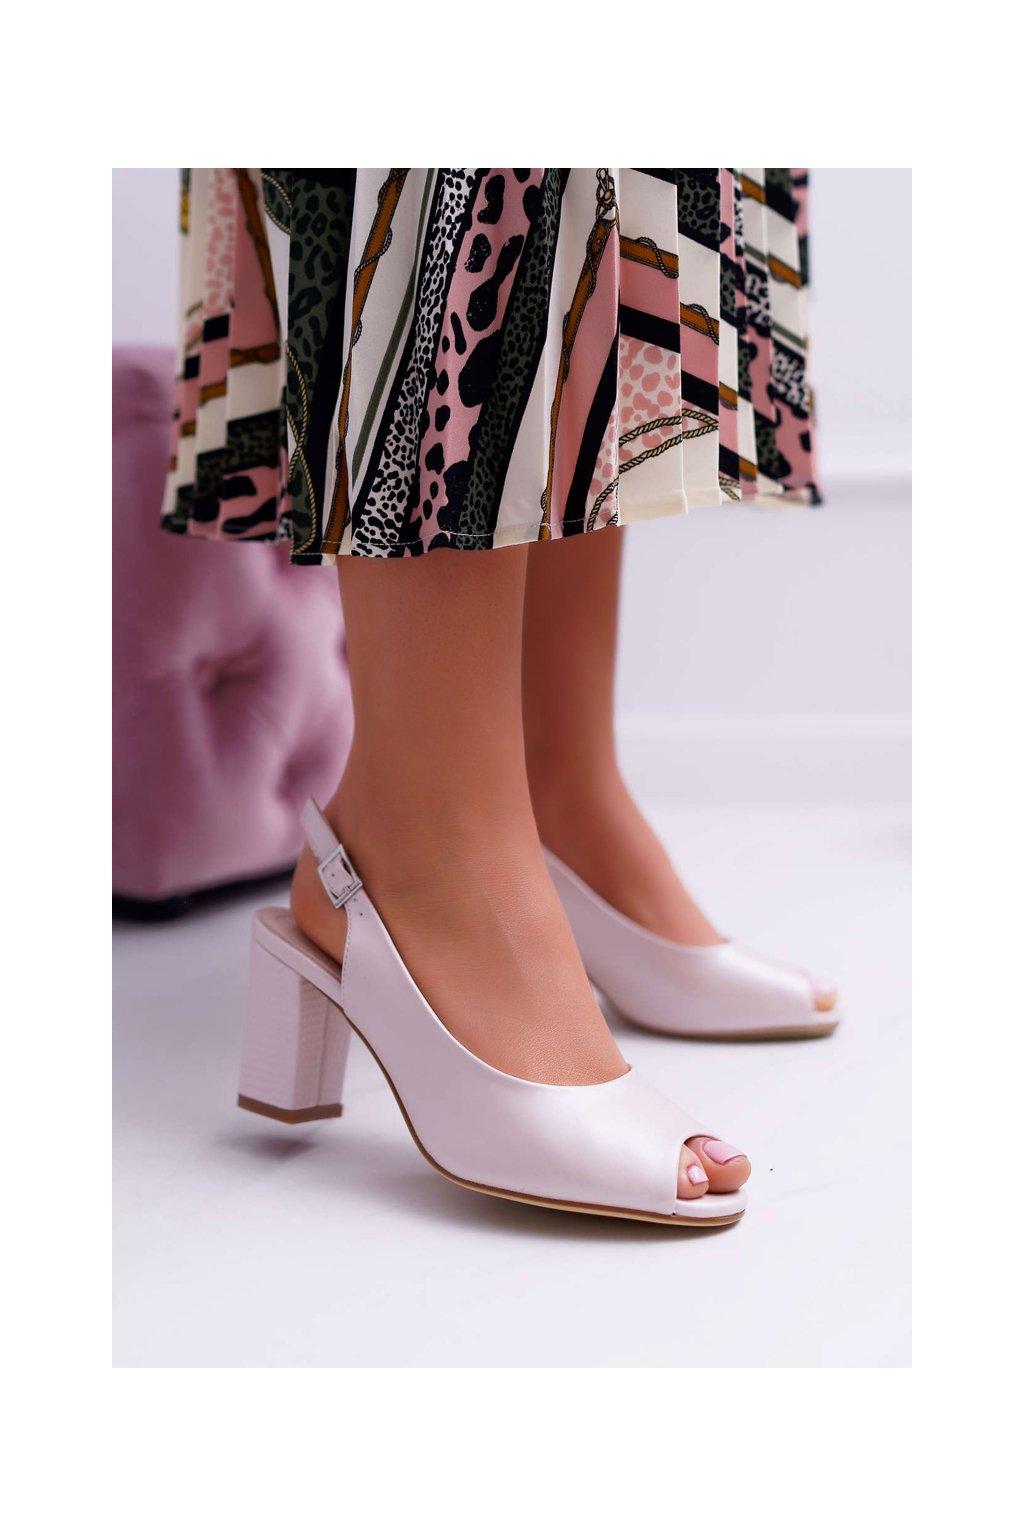 Dámske Sandále na podpätku Sergio Leone SK765 Ružové Perlové Vime